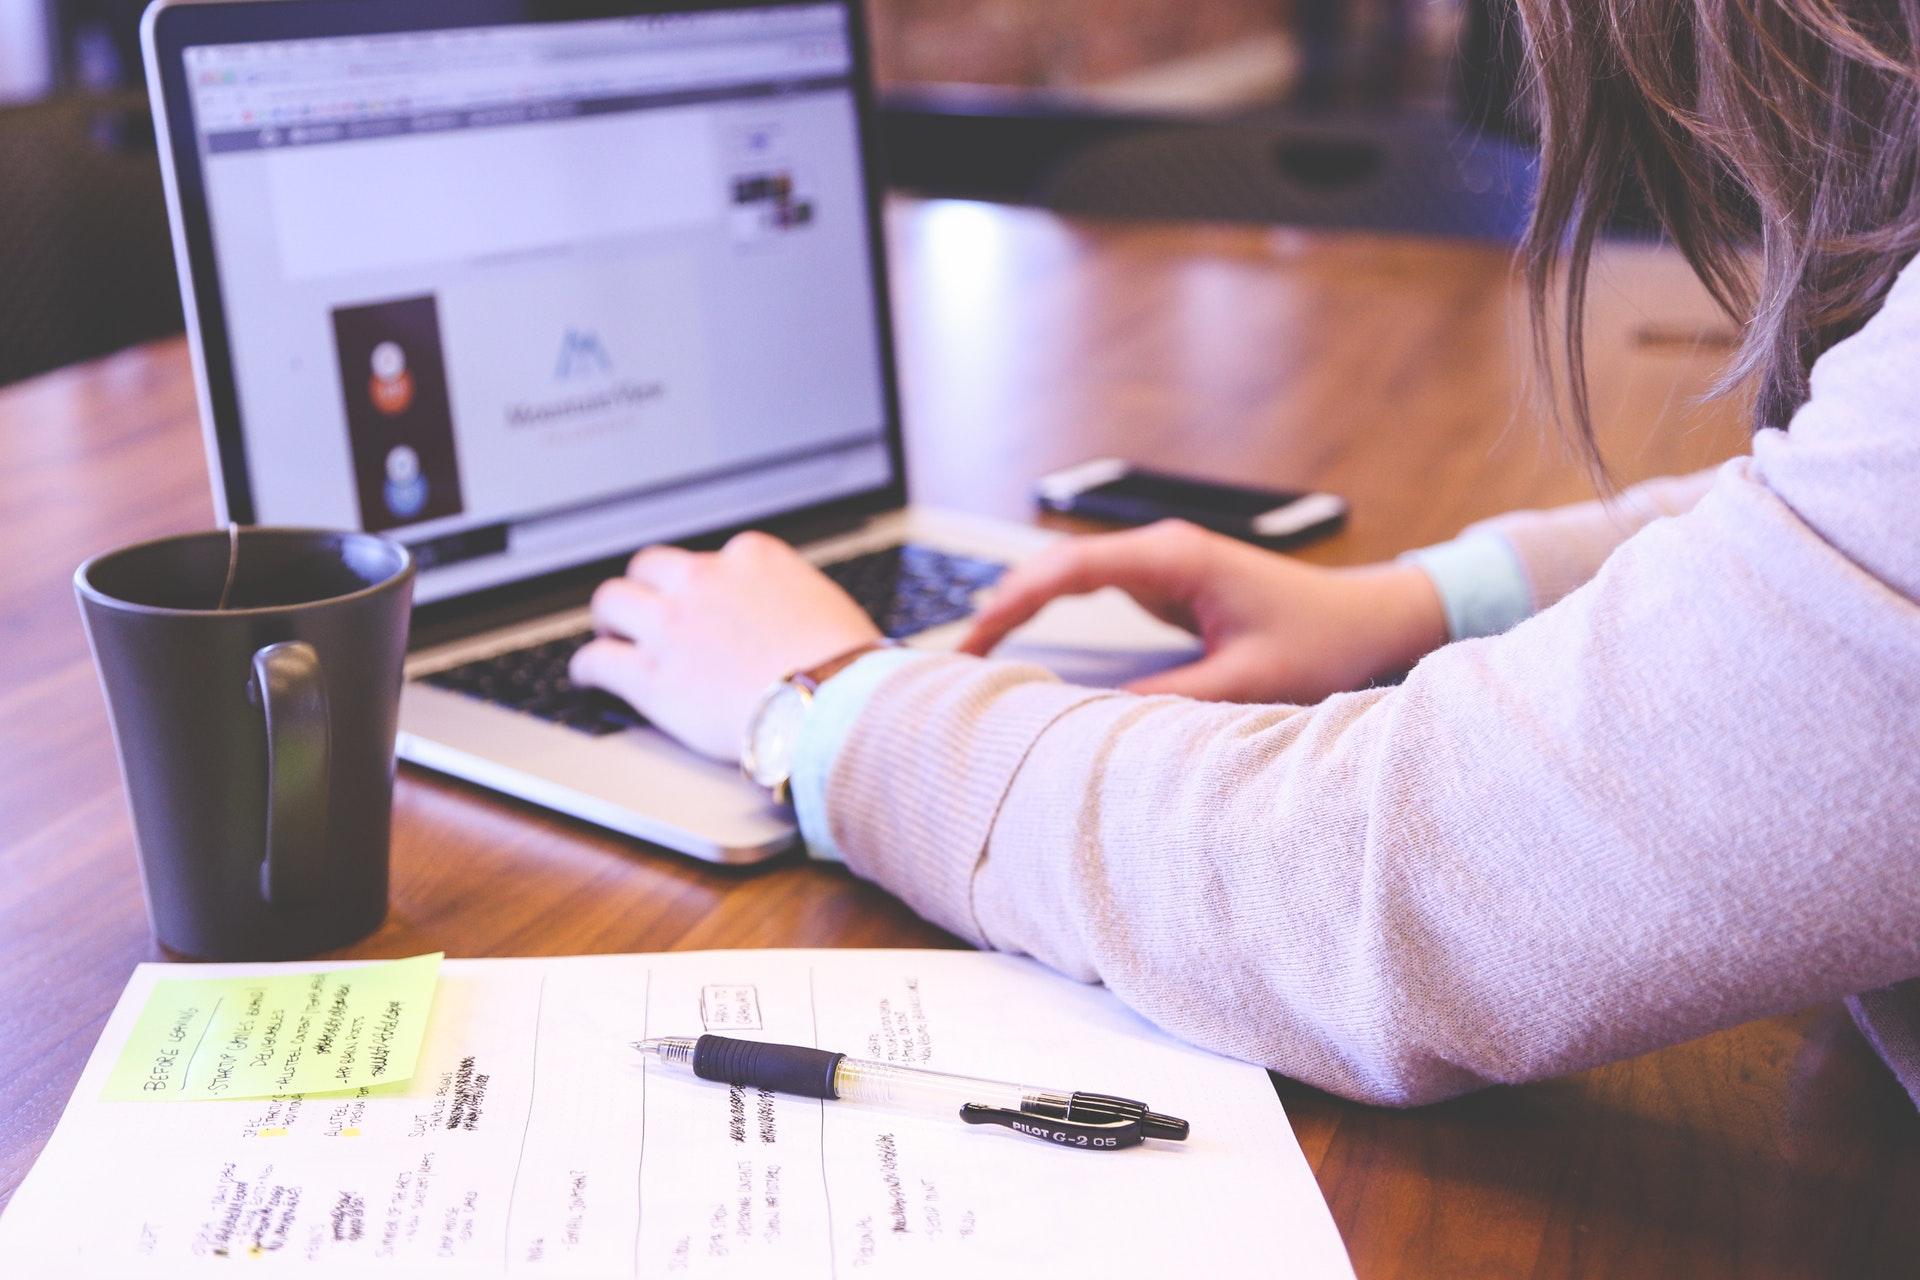 Imagem de uma pessoa trabalhando em um computador. Imagem ilustrativa texto melhores franquias para 2022.